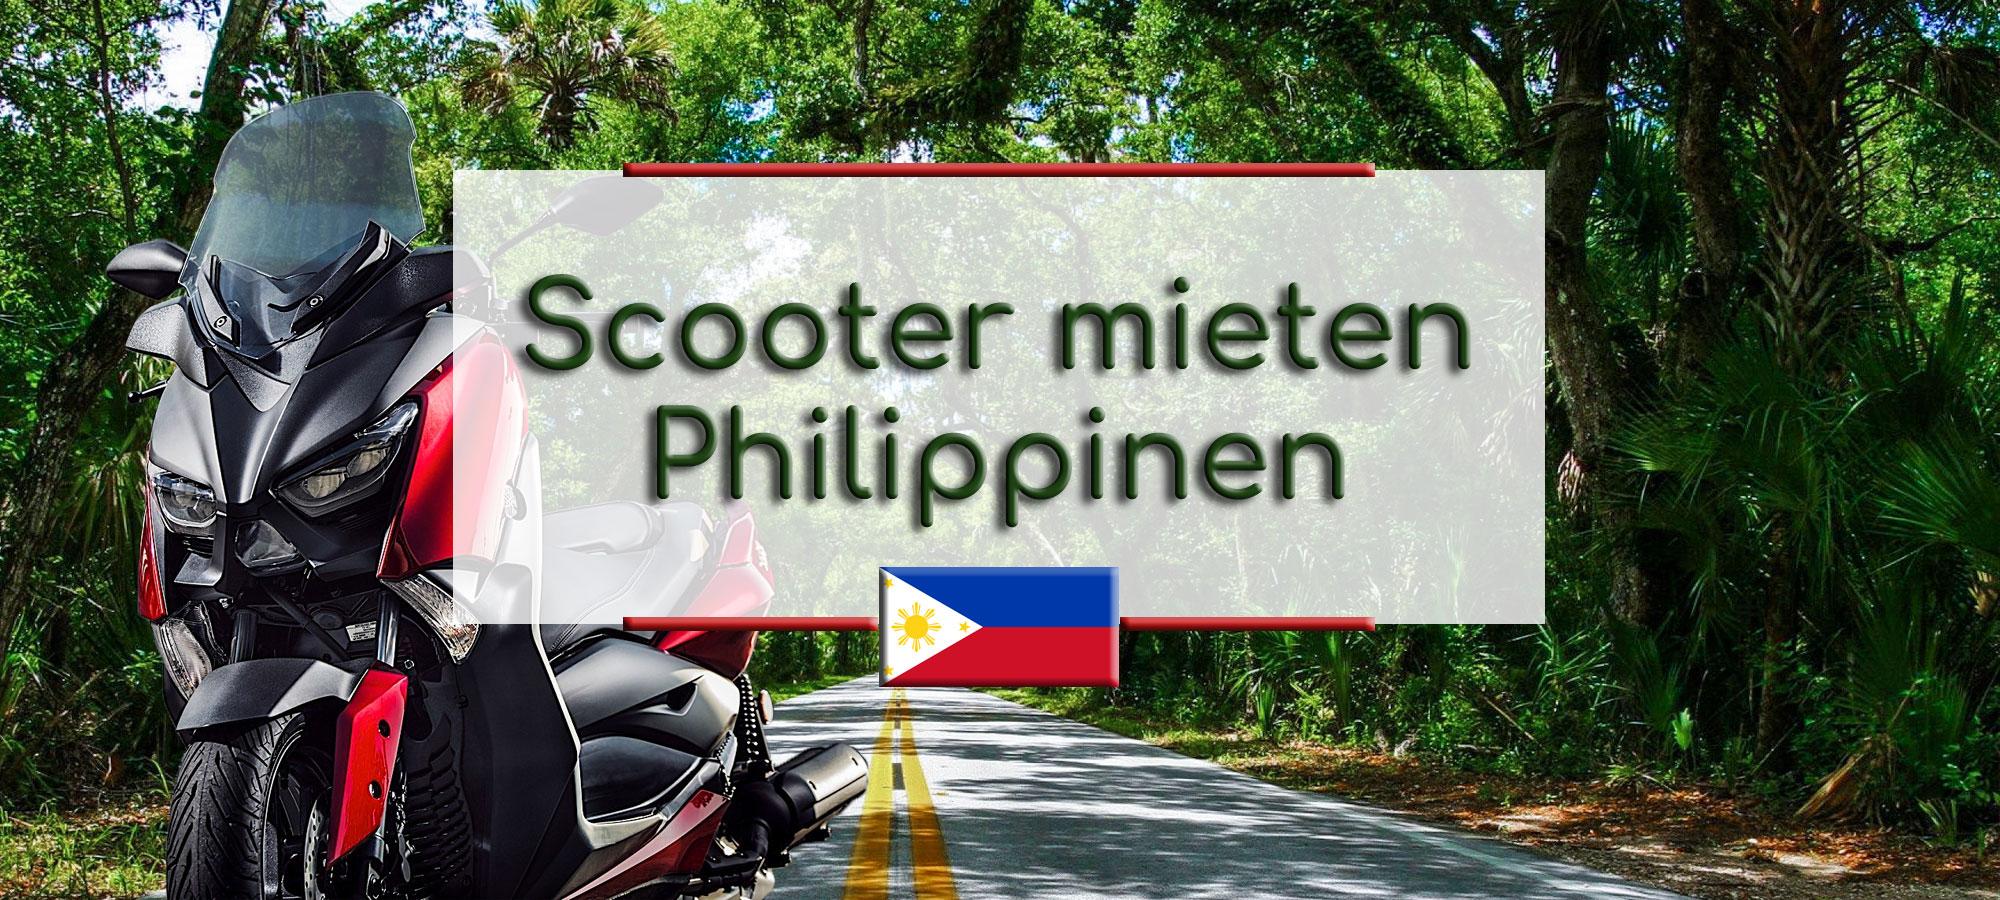 Ein roter Scooter ist im Vordergrund. Im Hintergrund ist eine Strasse durch den Dschungel. Im Textfeld steht geschrieben: Scooter mieten Philippinen.